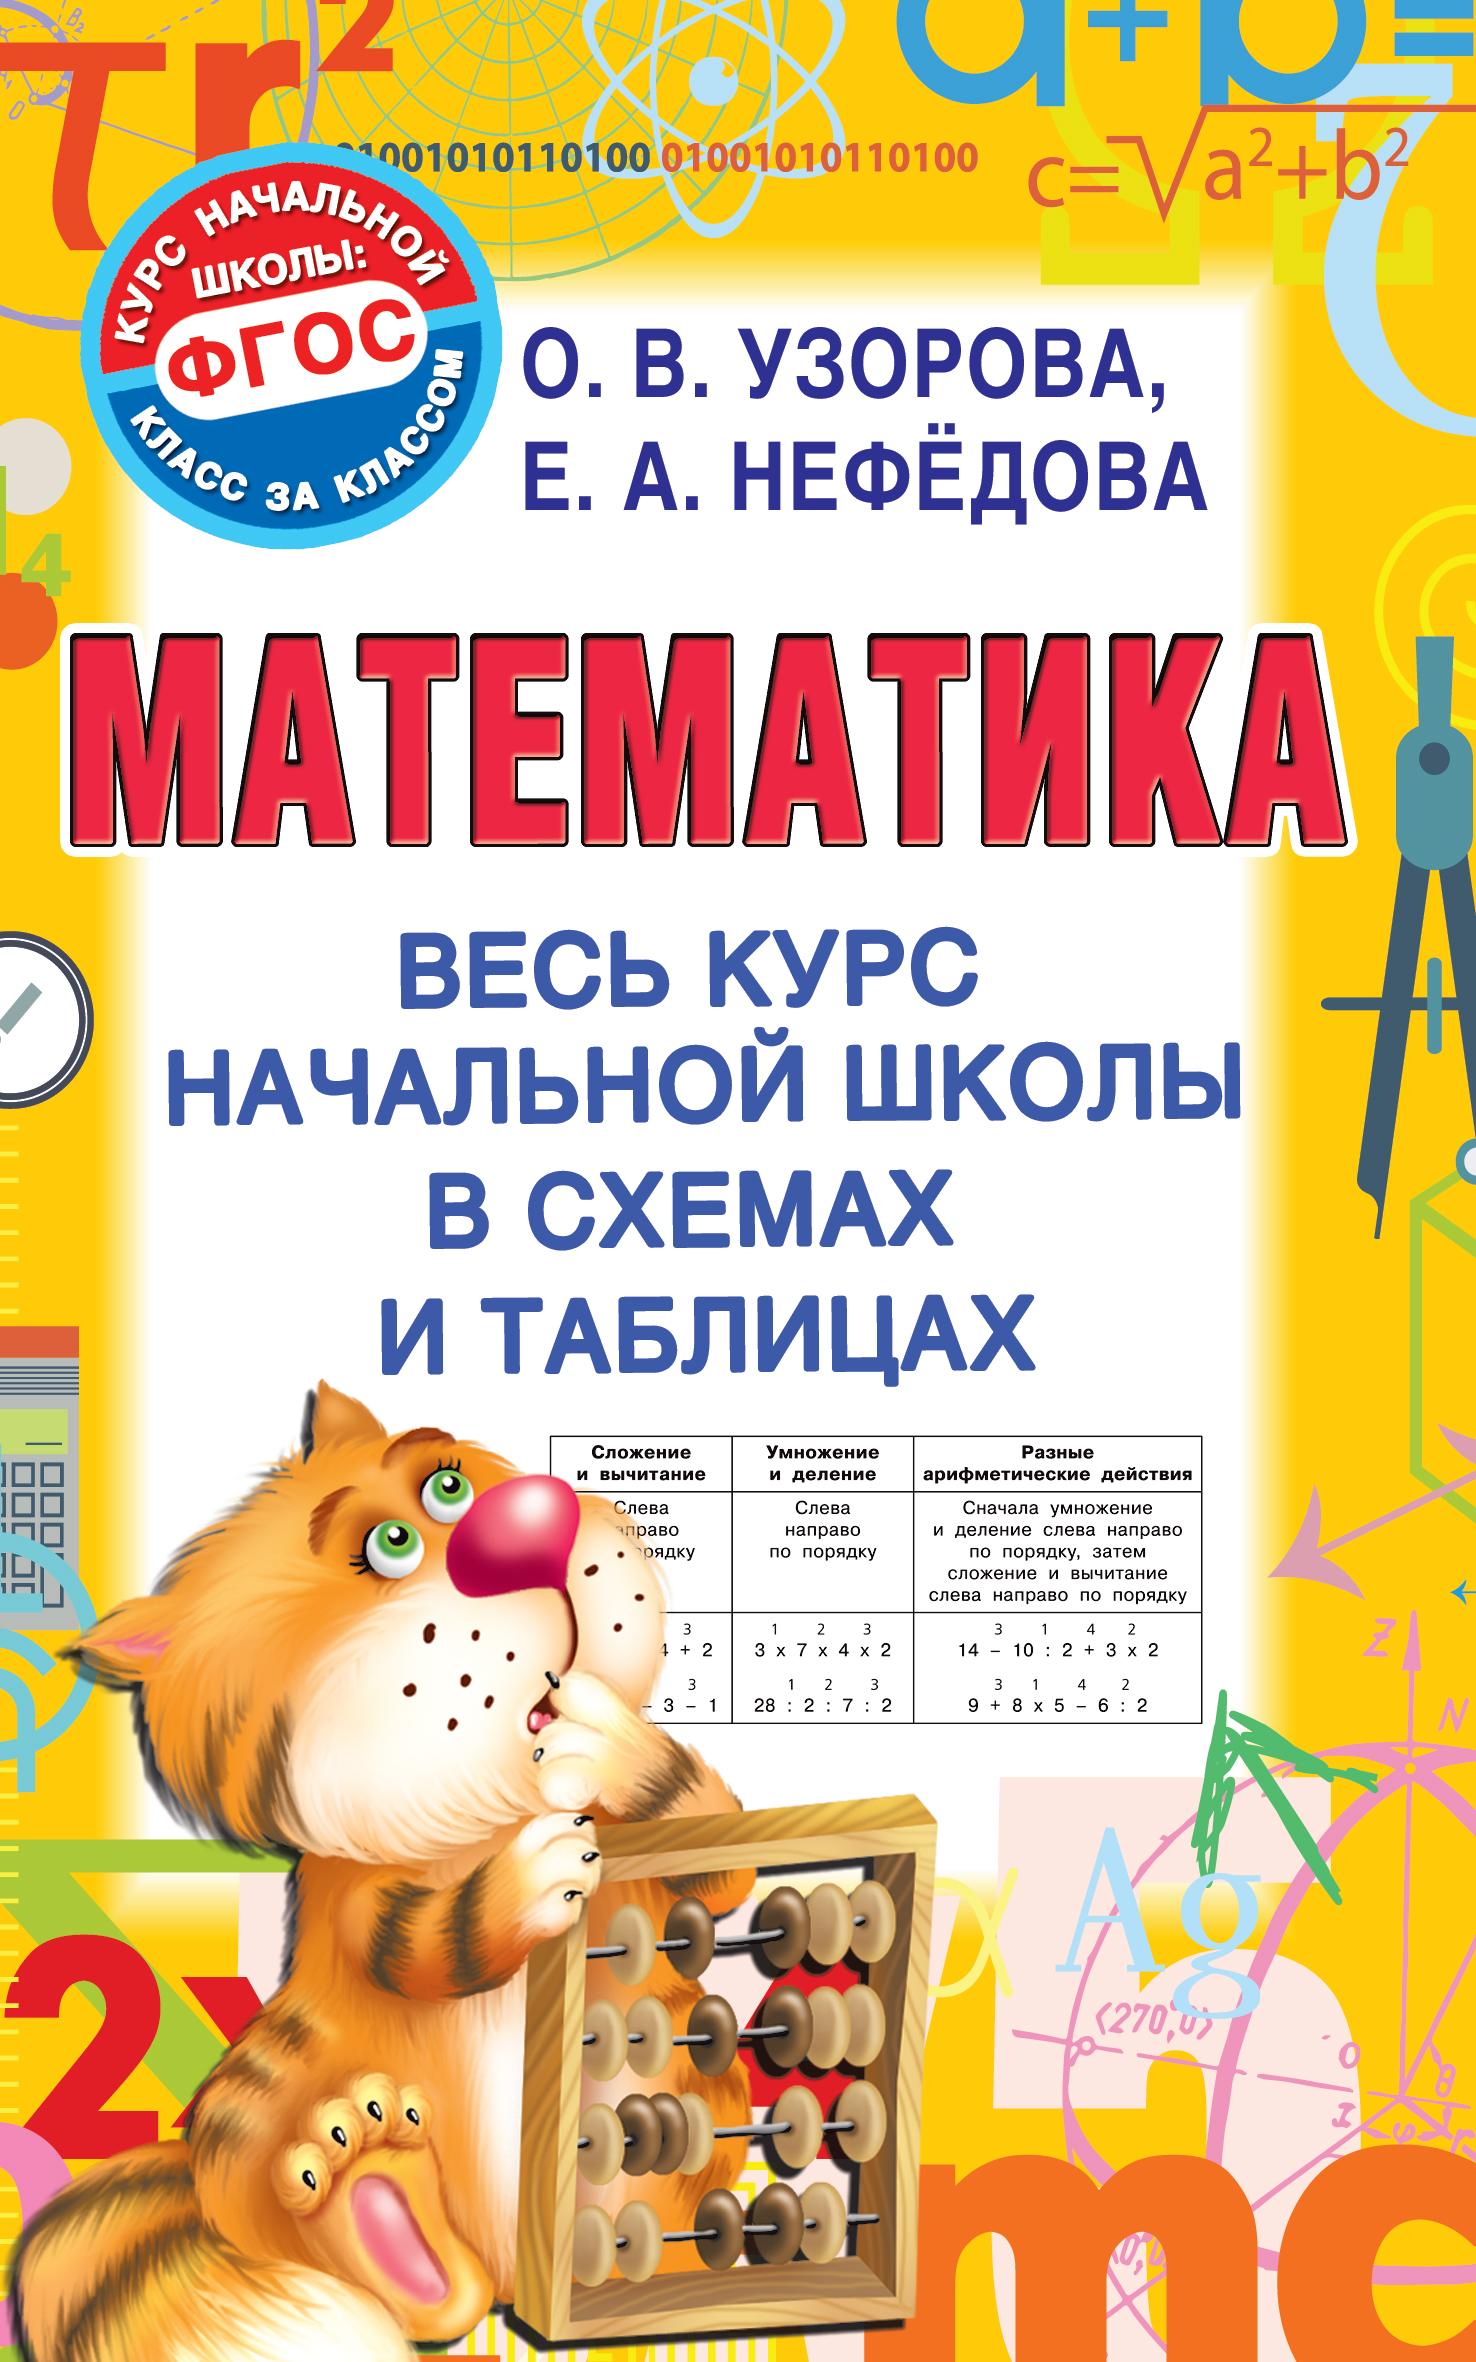 Узорова О.В., Нефедова Е.А. Математика. Весь курс начальной школы в схемах и таблицах узорова о в английский язык весь курс начальной школы в схемах и таблицах 2 4 классы